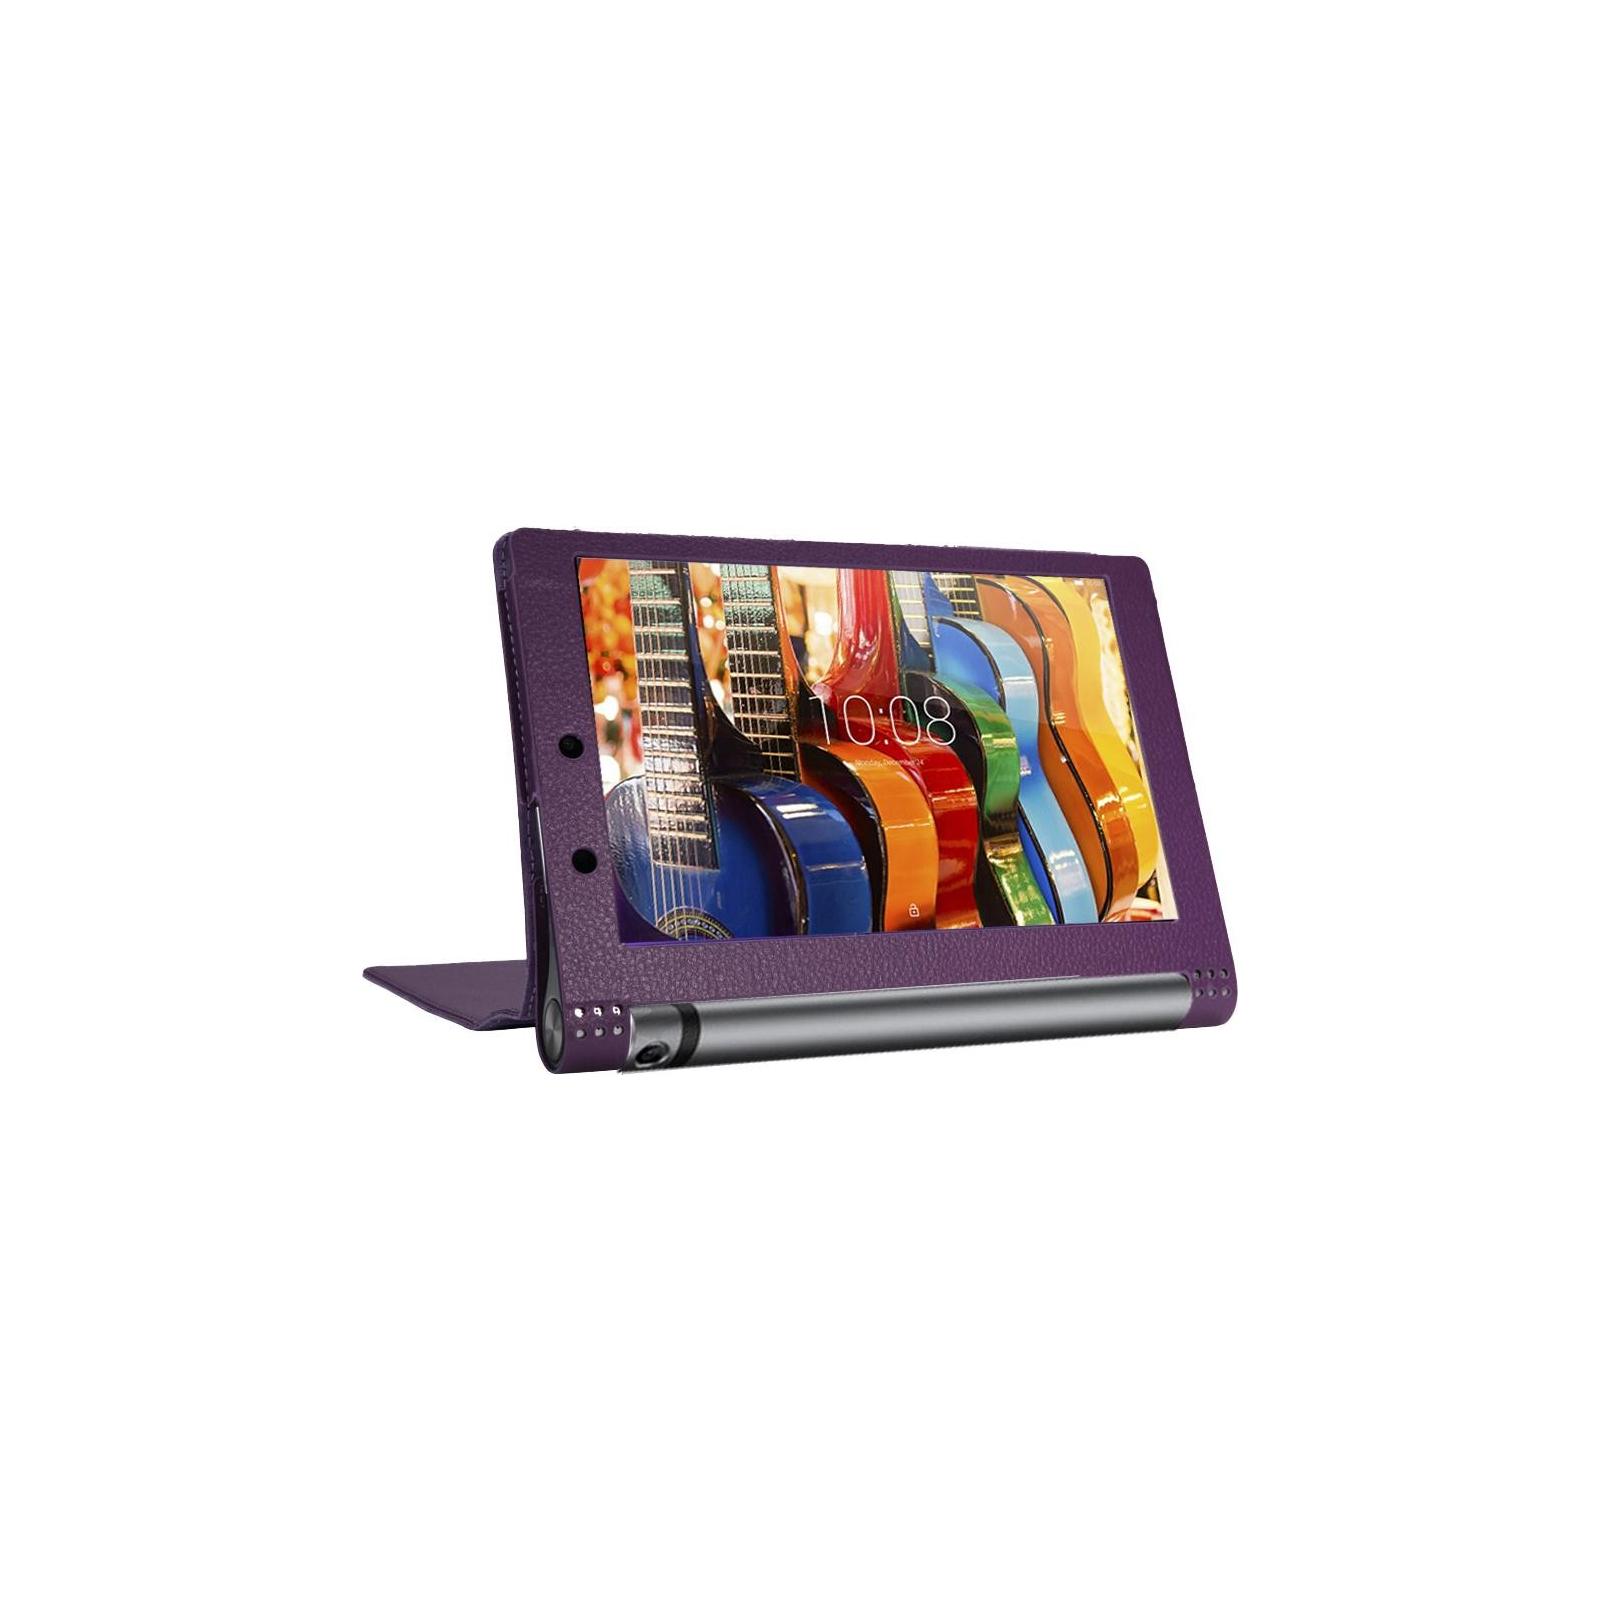 Чехол для планшета AirOn для Lenovo YOGA Tablet 3 8'' violet (4822352779641) изображение 7